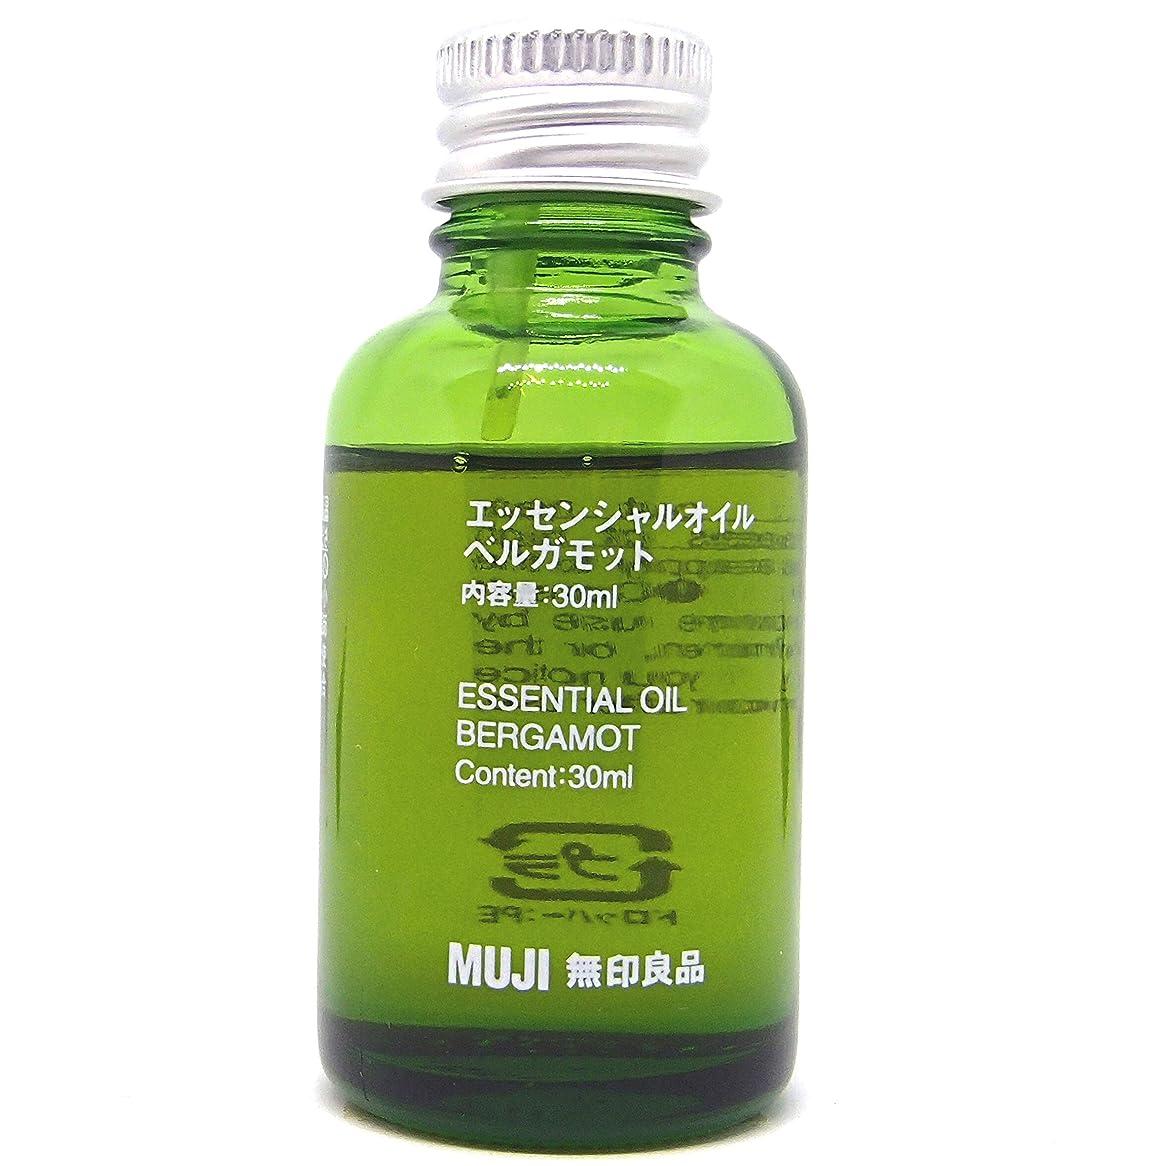 ベルベット法廷放棄された【無印良品】エッセンシャルオイル30ml(ベルガモット)